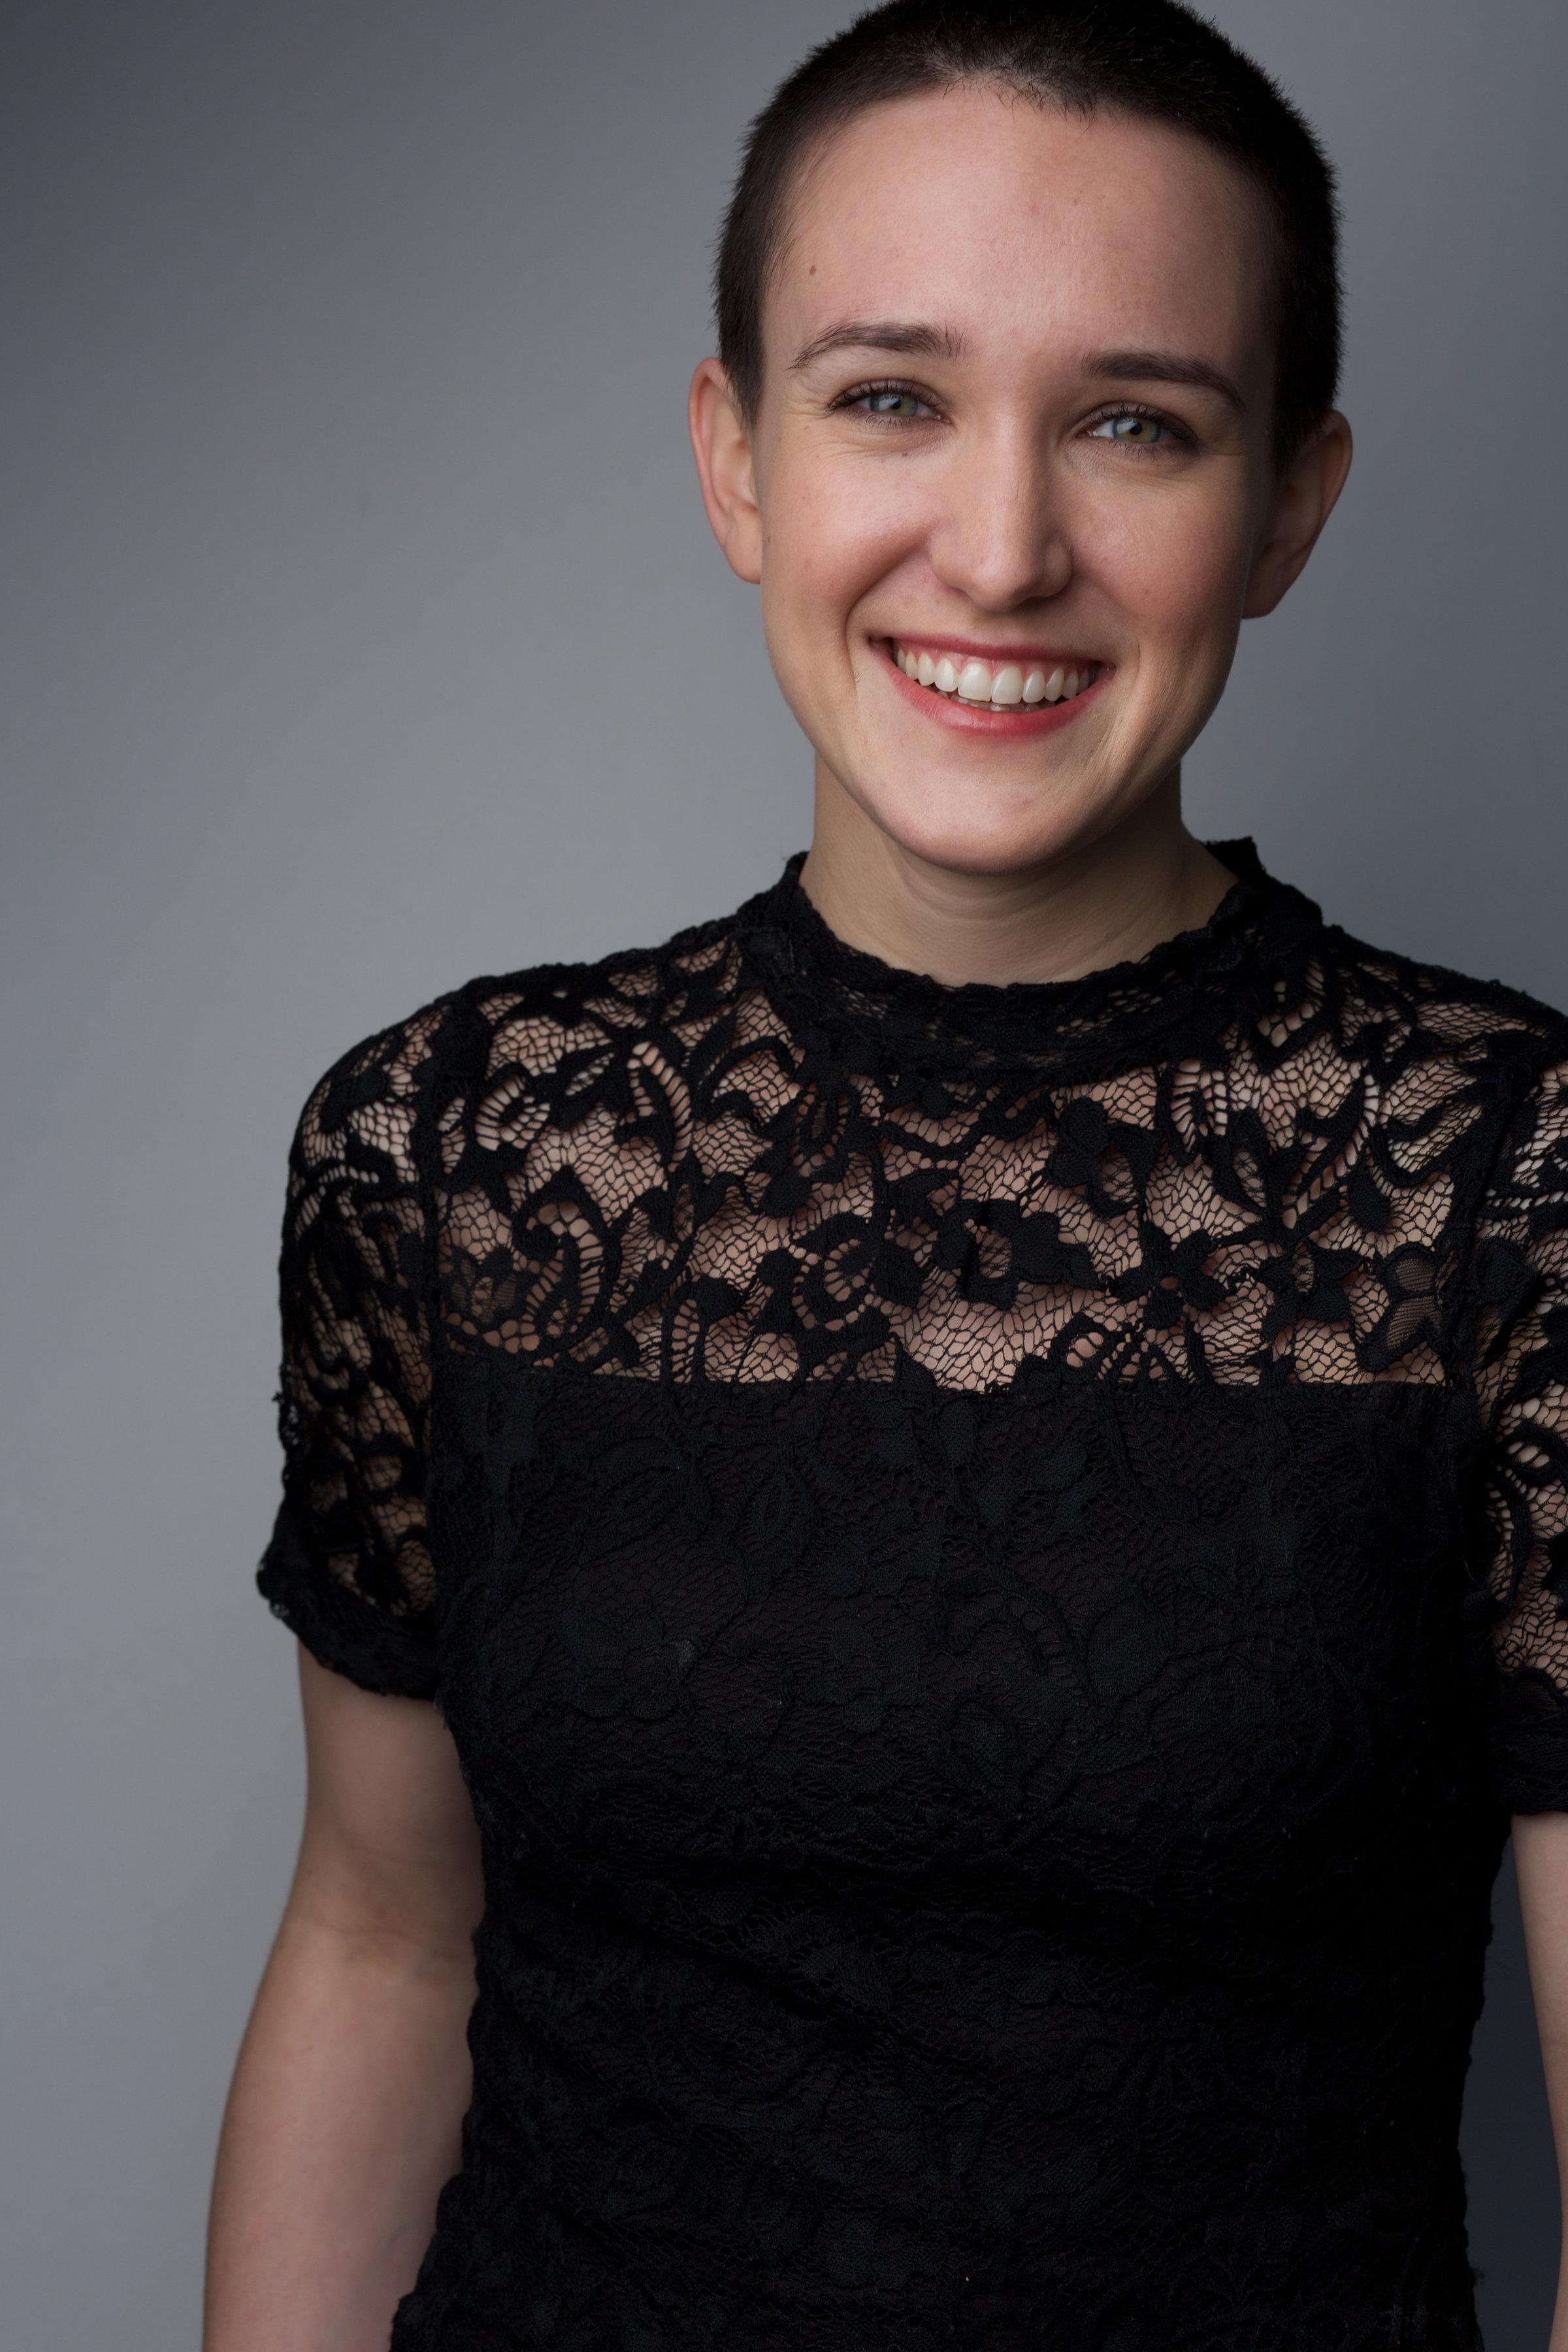 Sarah White (Performer)